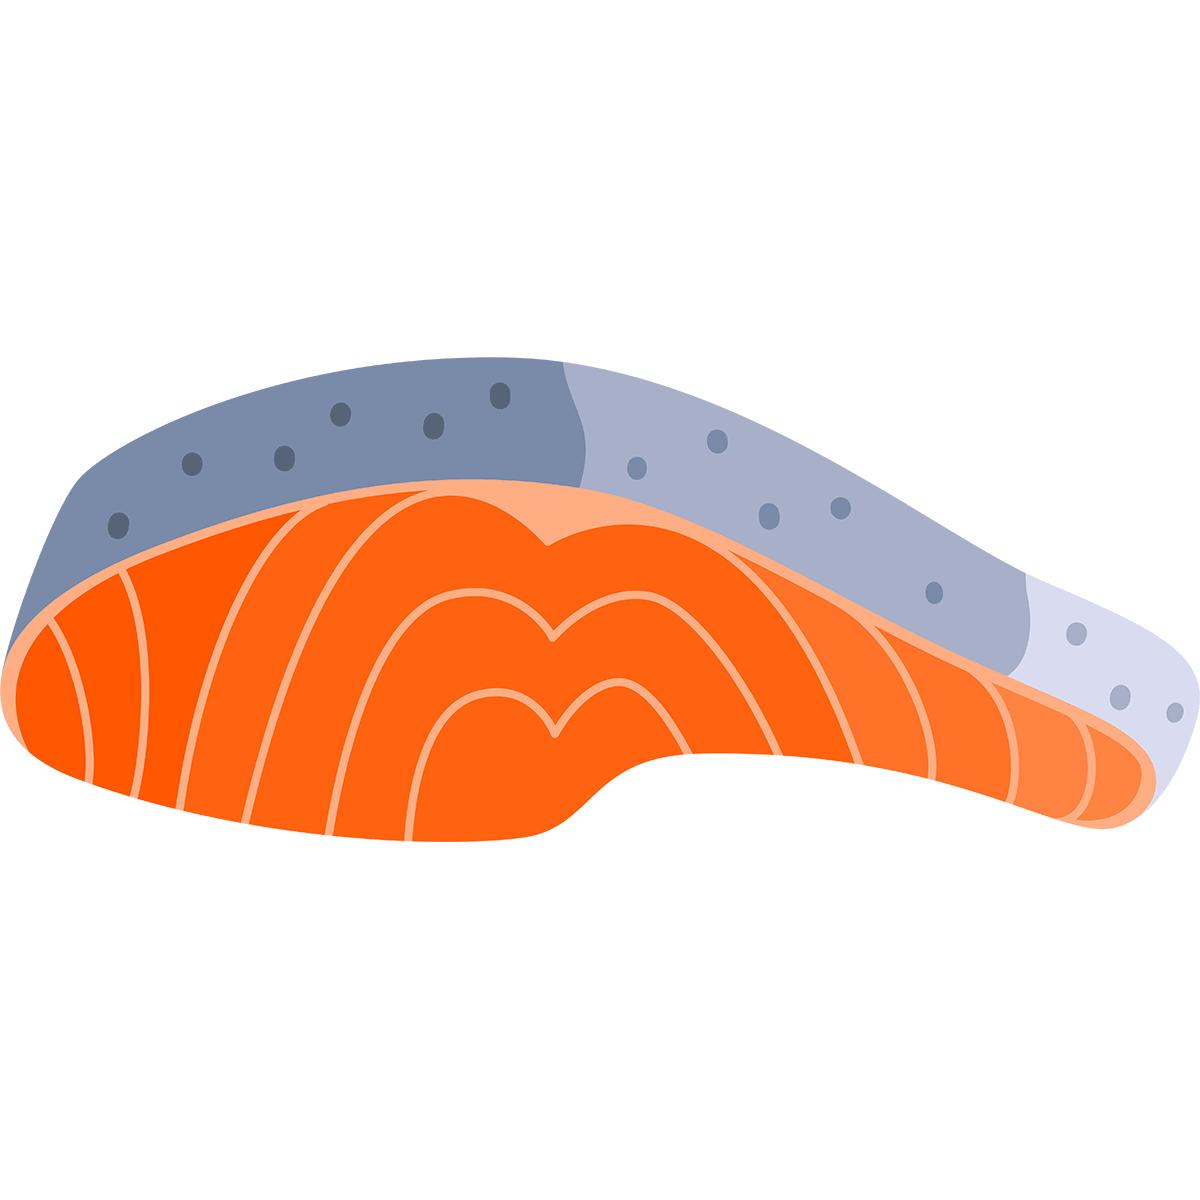 鮭の切り身の無料イラスト